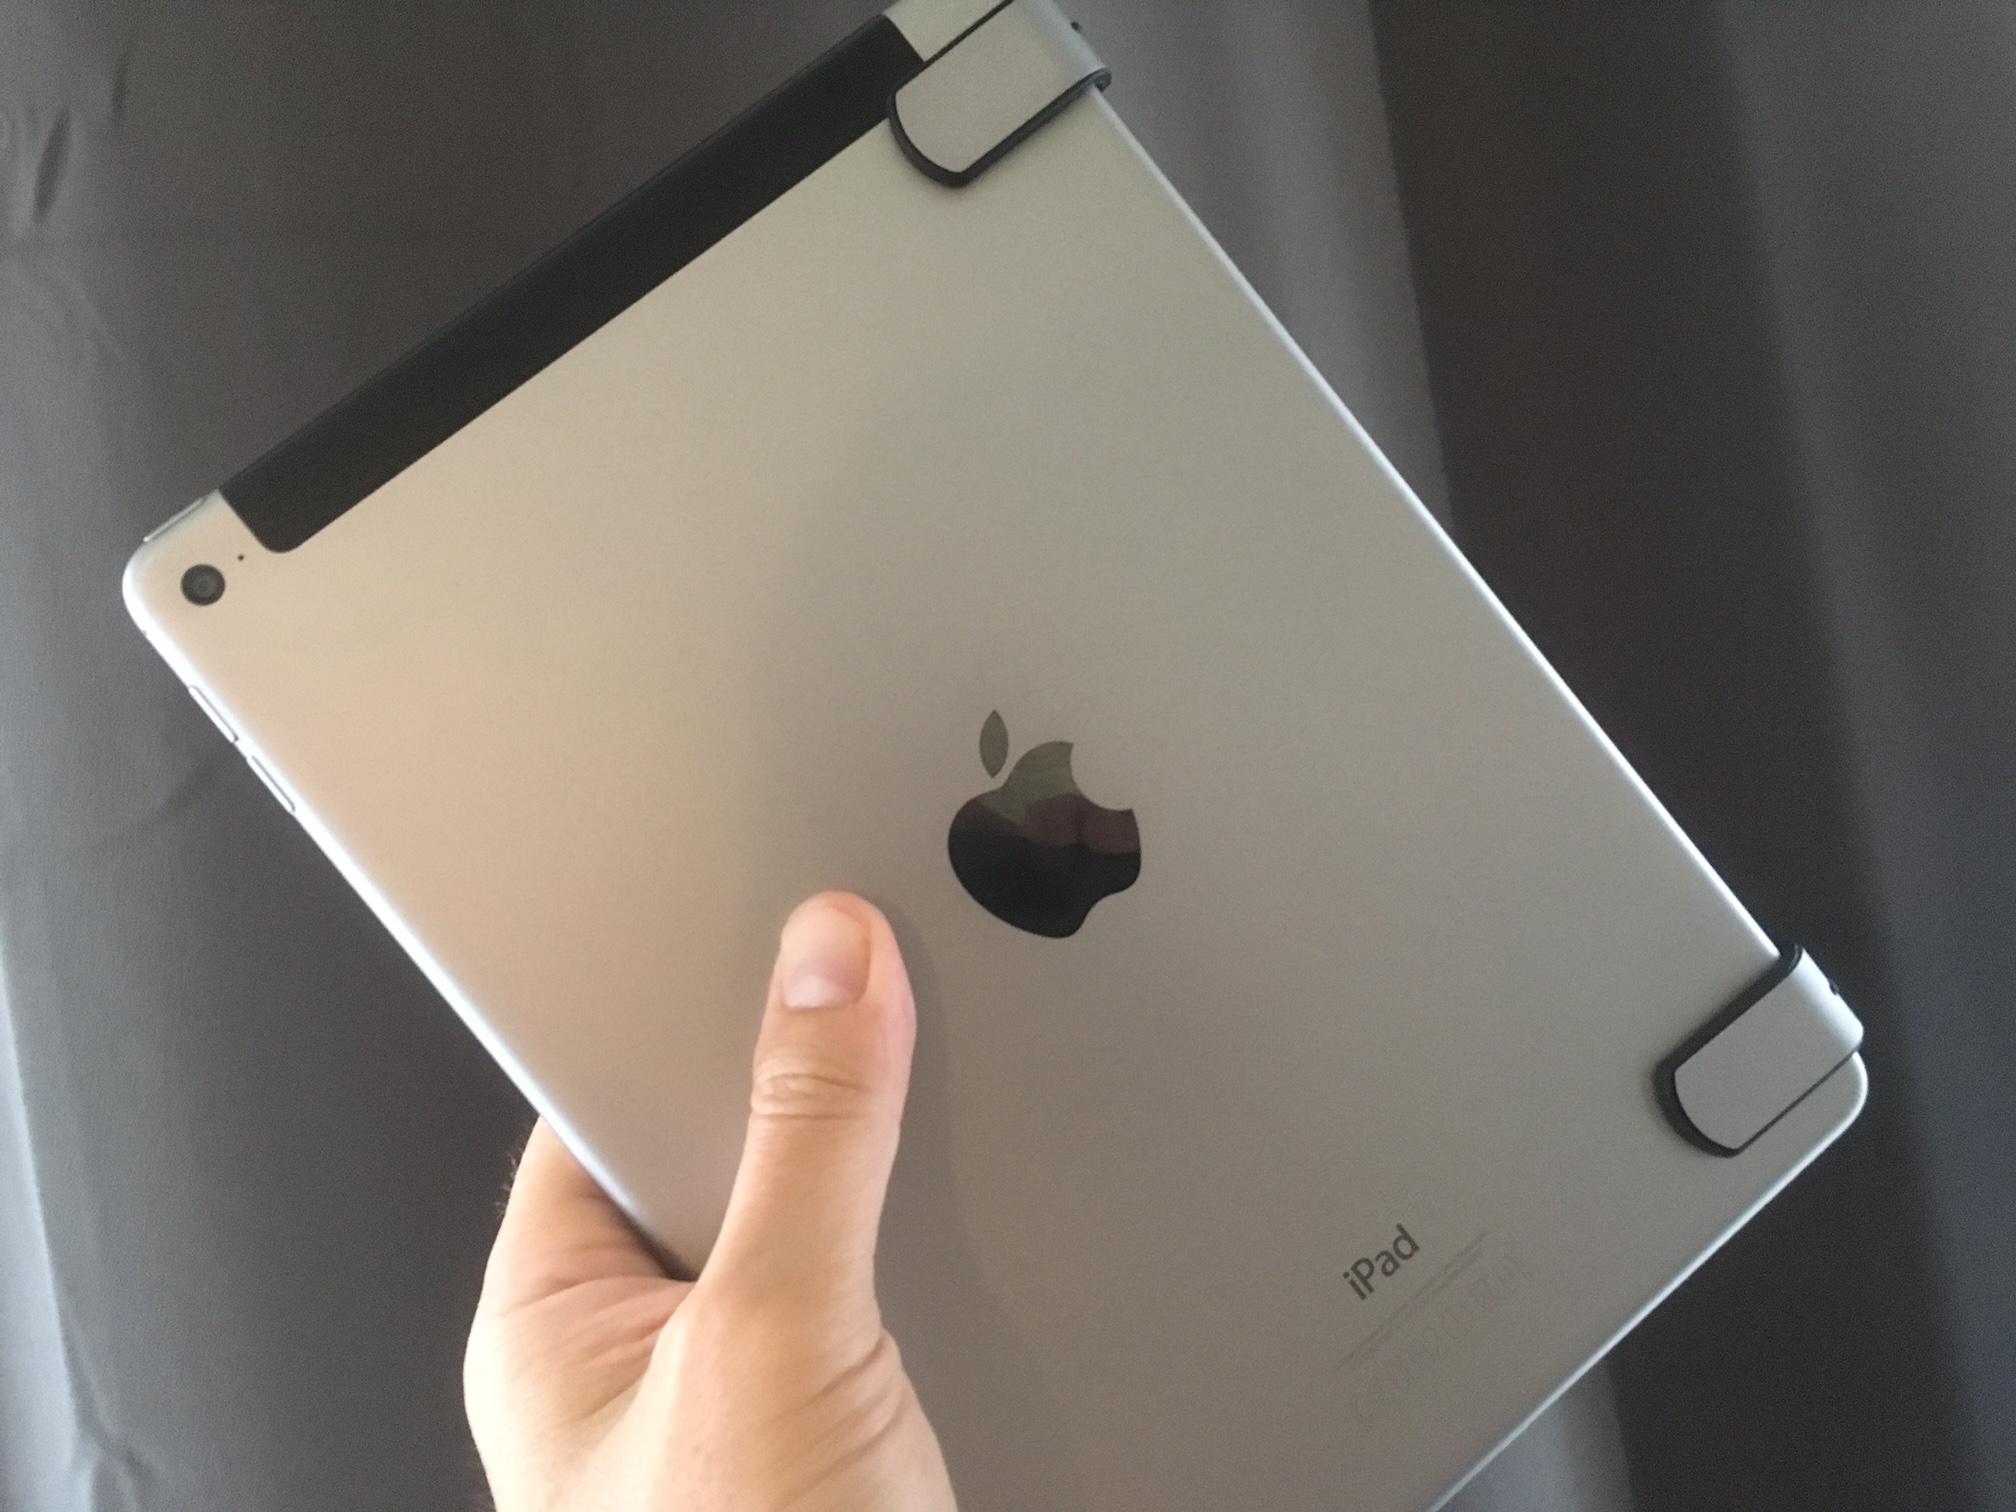 Våren neste år kommer det to nye iPad-modeller, og iPad Air 2 pensjoneres nok til fordel for en med større skjerm, men ikke større totalstørrelse..